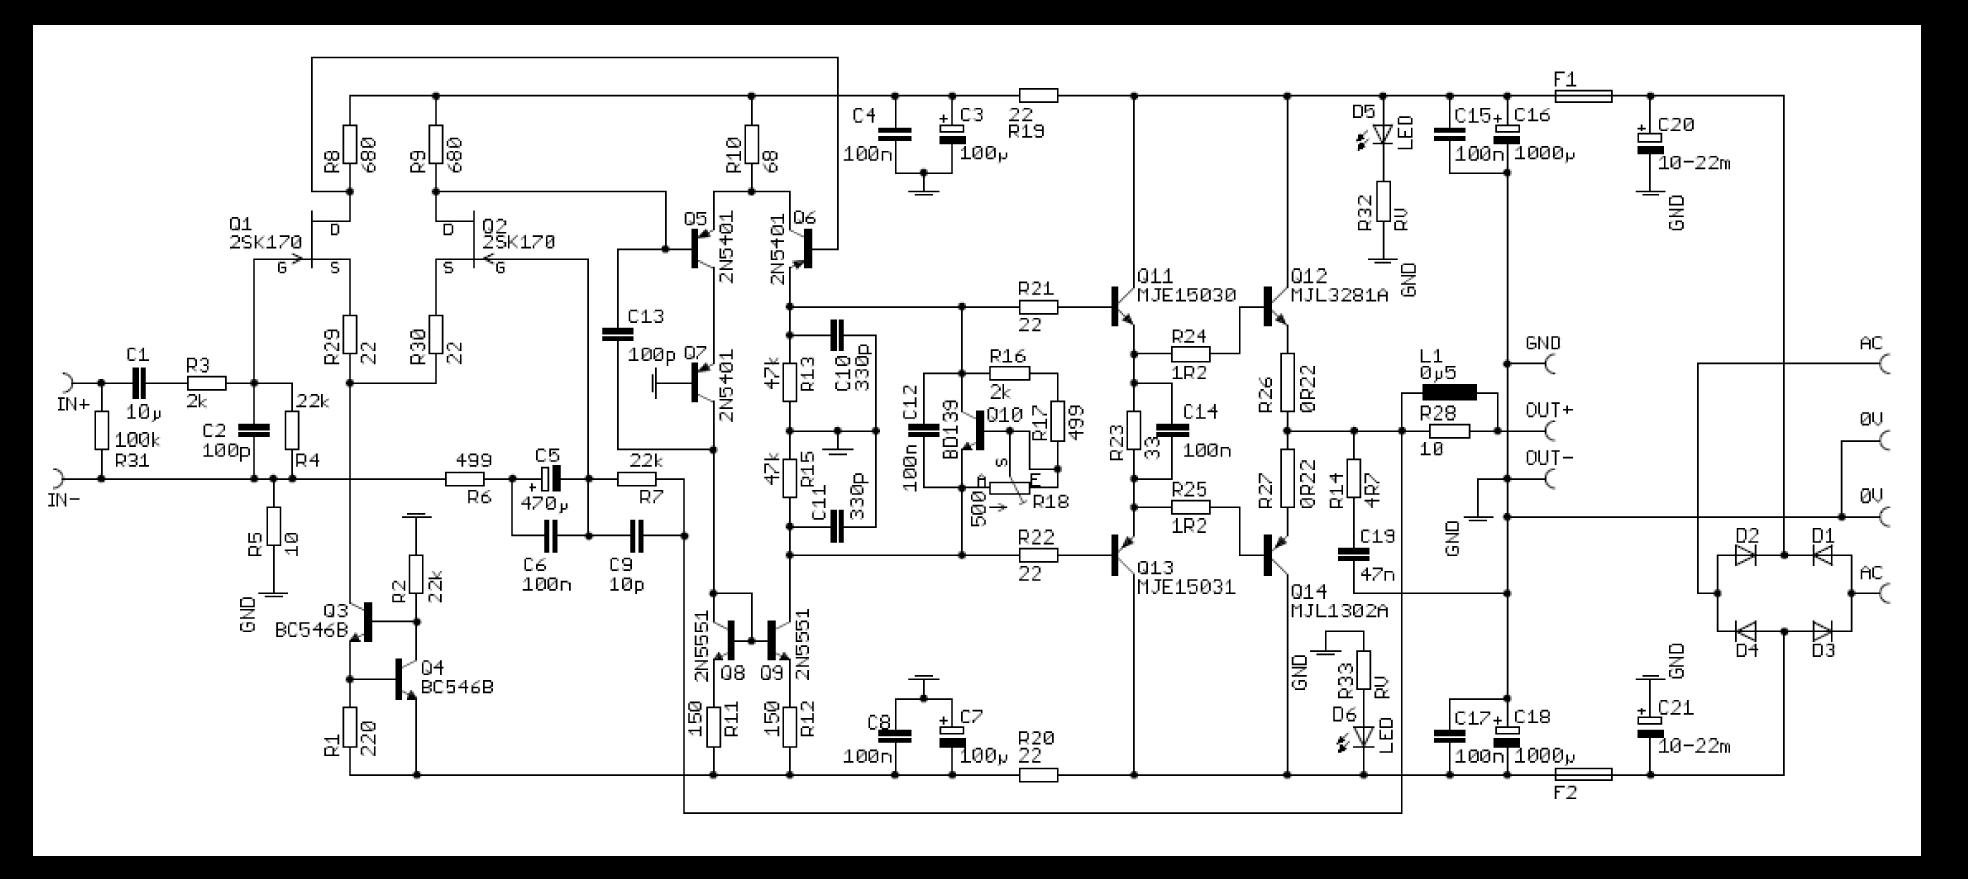 Transistor ist abgeraucht (Audio Endstufe) - Mikrocontroller.net